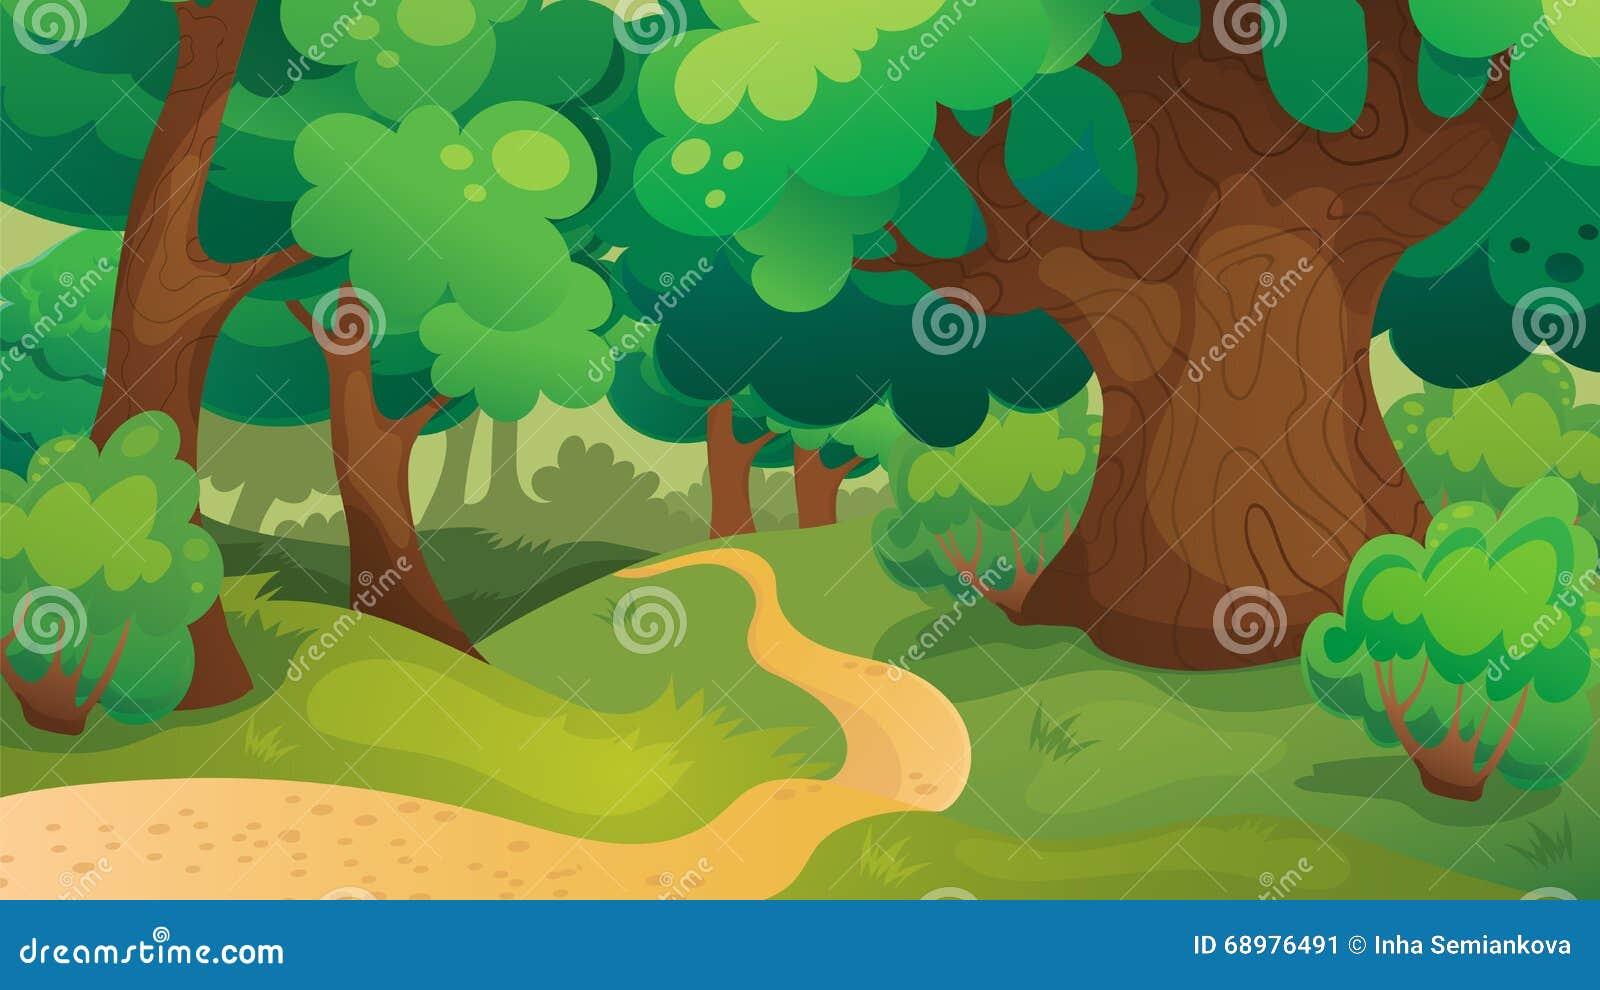 Ek Forest Game Background